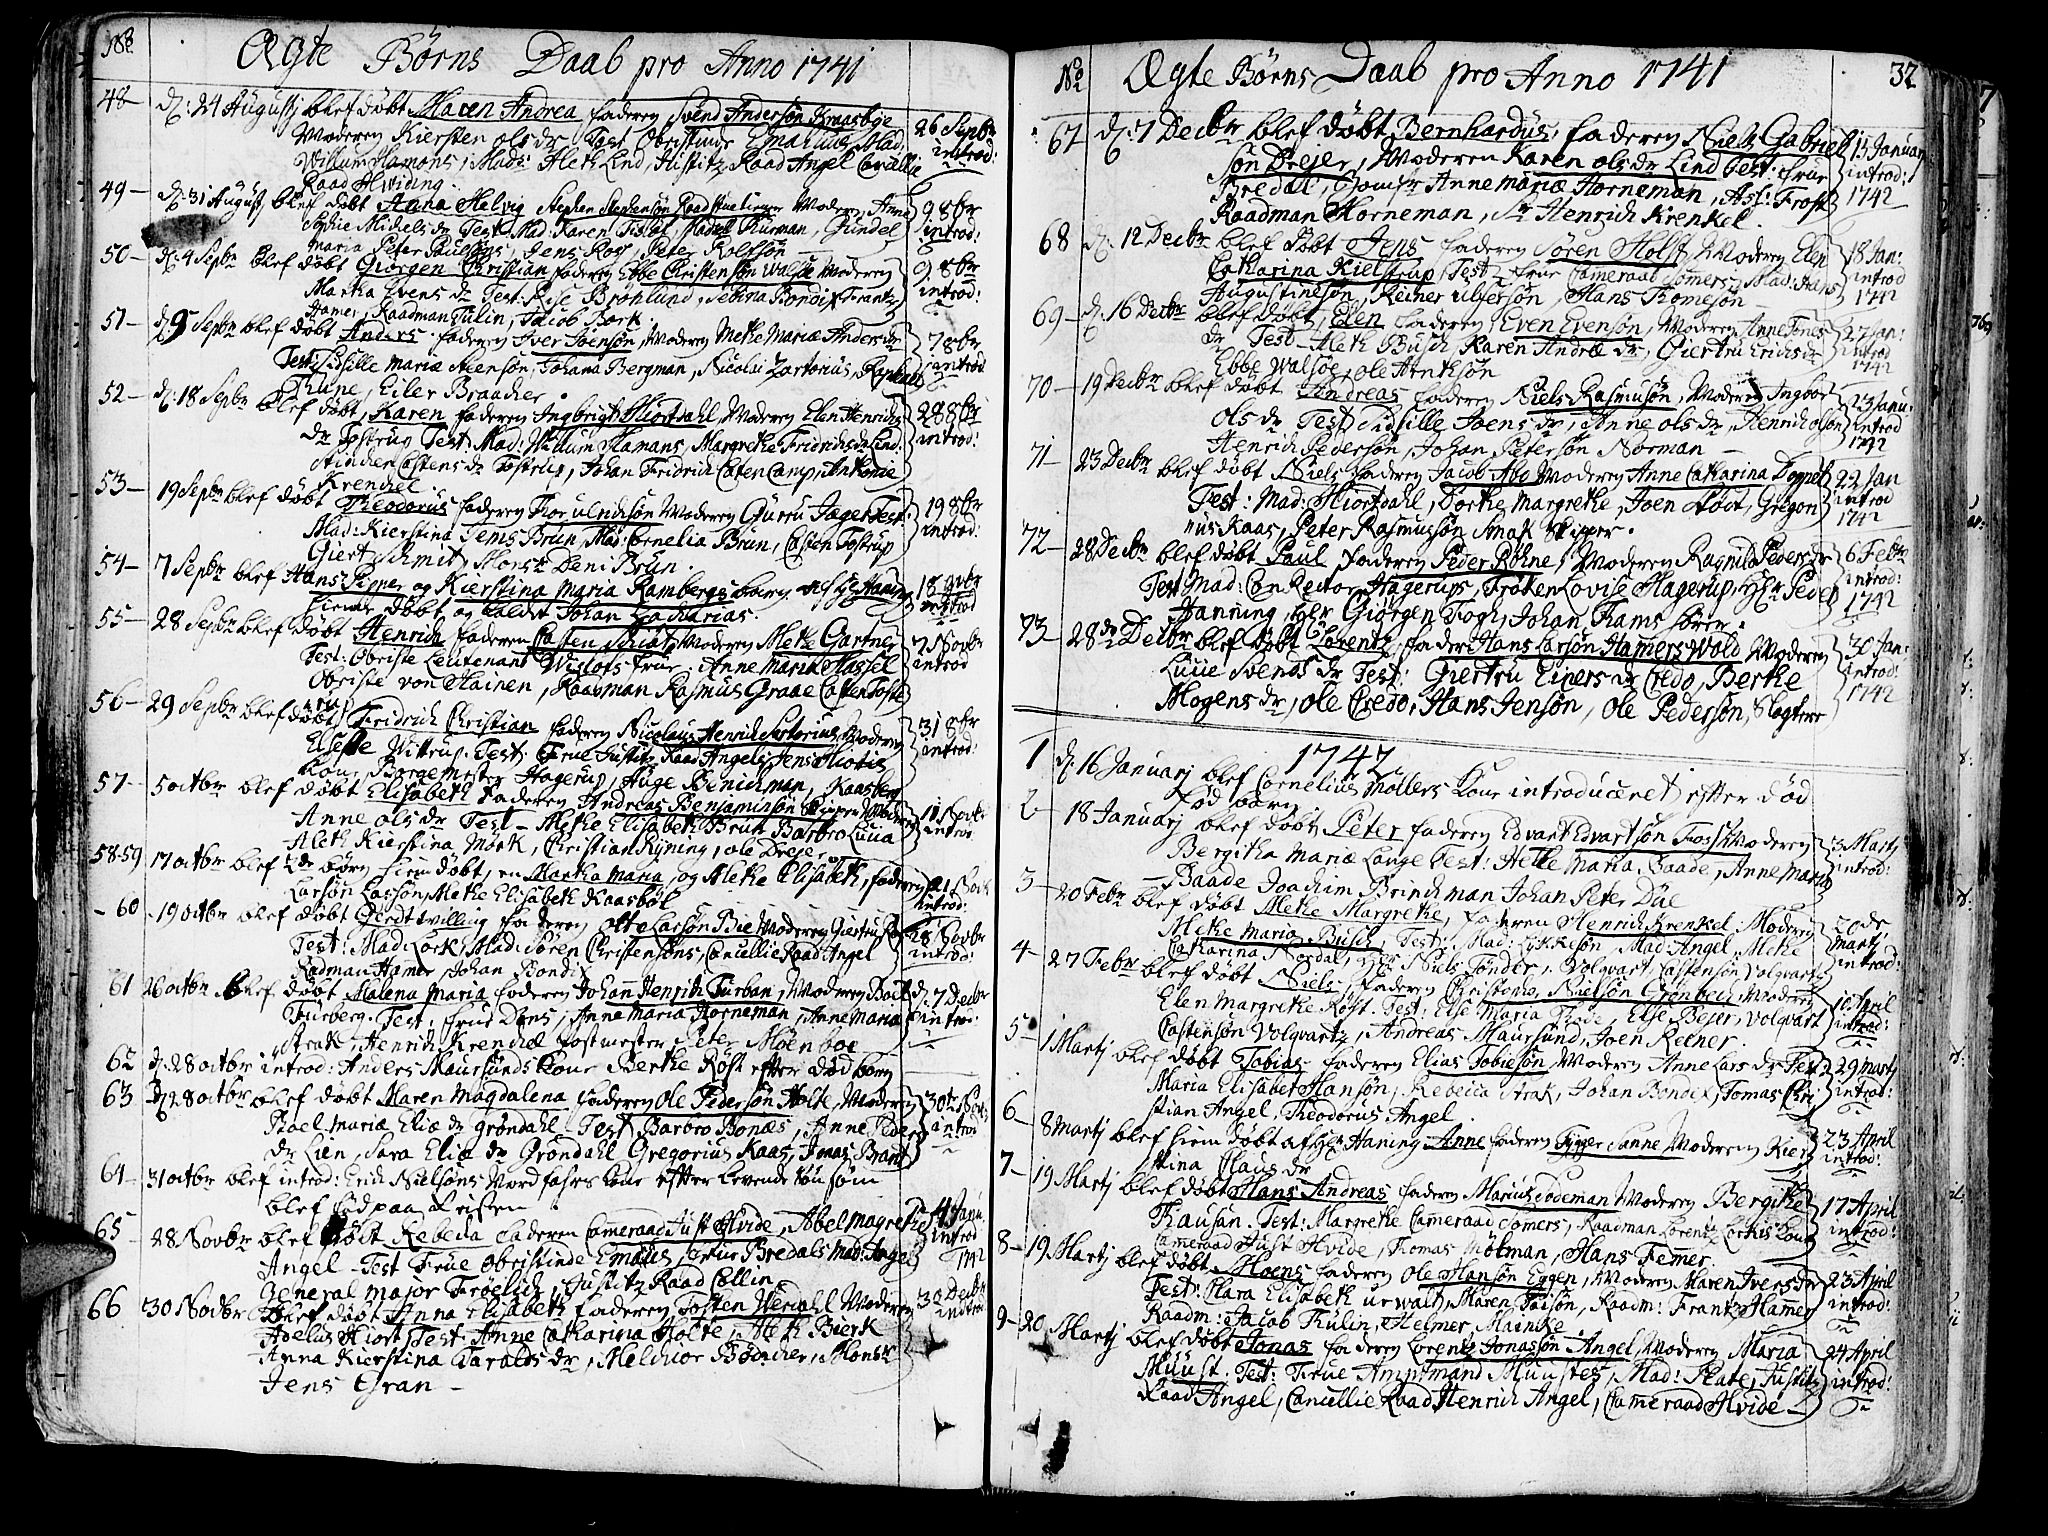 SAT, Ministerialprotokoller, klokkerbøker og fødselsregistre - Sør-Trøndelag, 602/L0103: Ministerialbok nr. 602A01, 1732-1774, s. 32